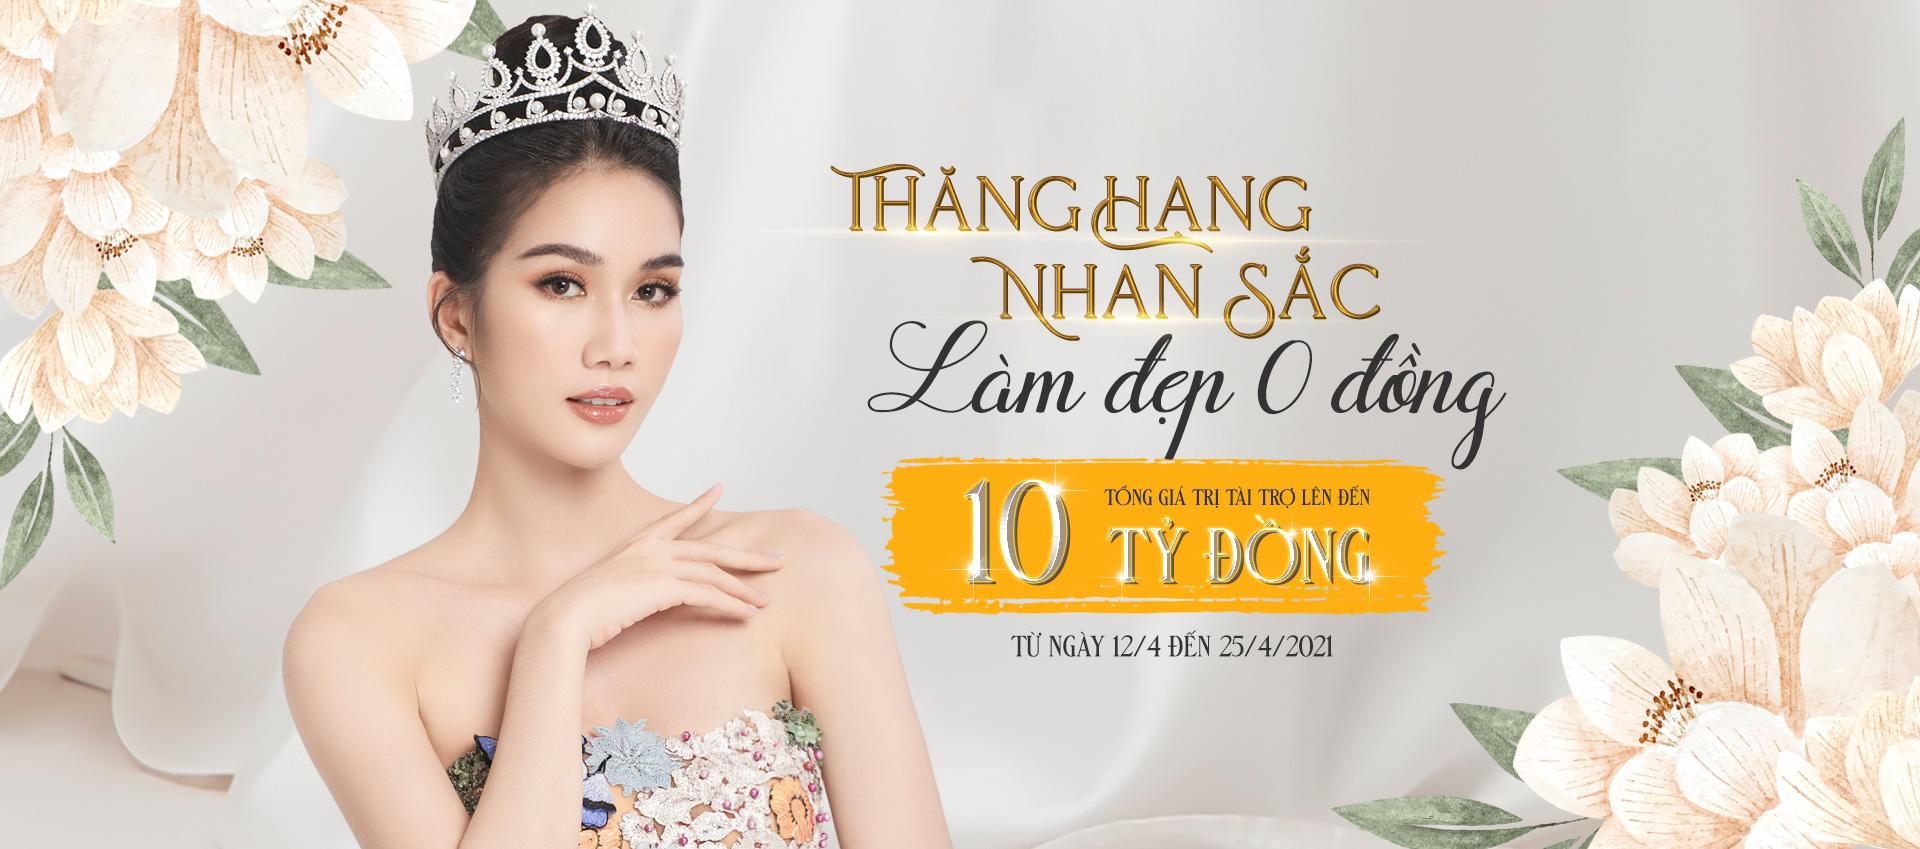 Chương trình phẫu thuật thẩm mỹ miễn phí cho phụ nữ Việt: 50 suất tài trợ, giá trị hơn 10 tỷ đồng - Ảnh 4.